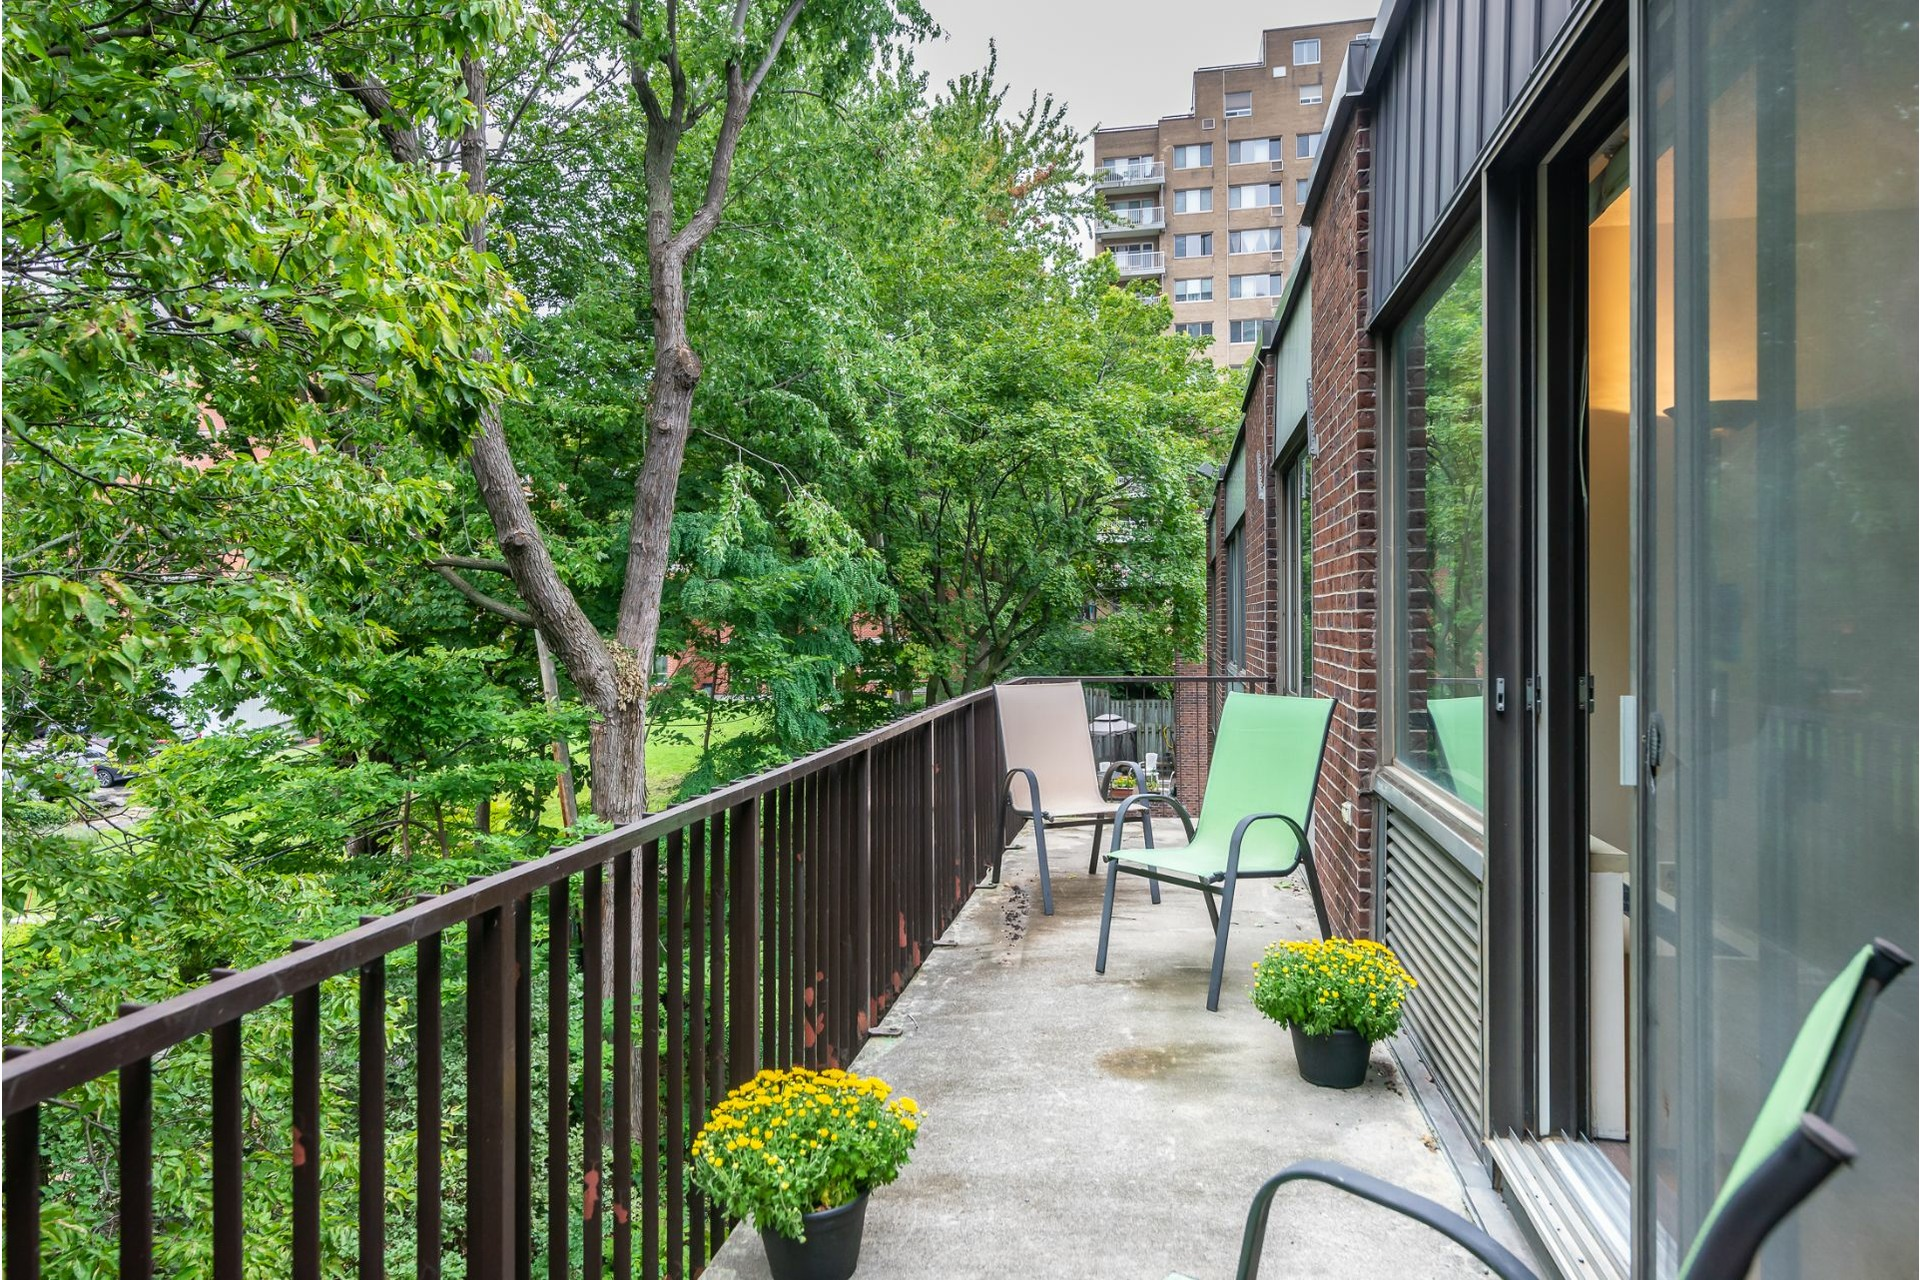 image 20 - Apartment For sale Ville-Marie Montréal  - 5 rooms